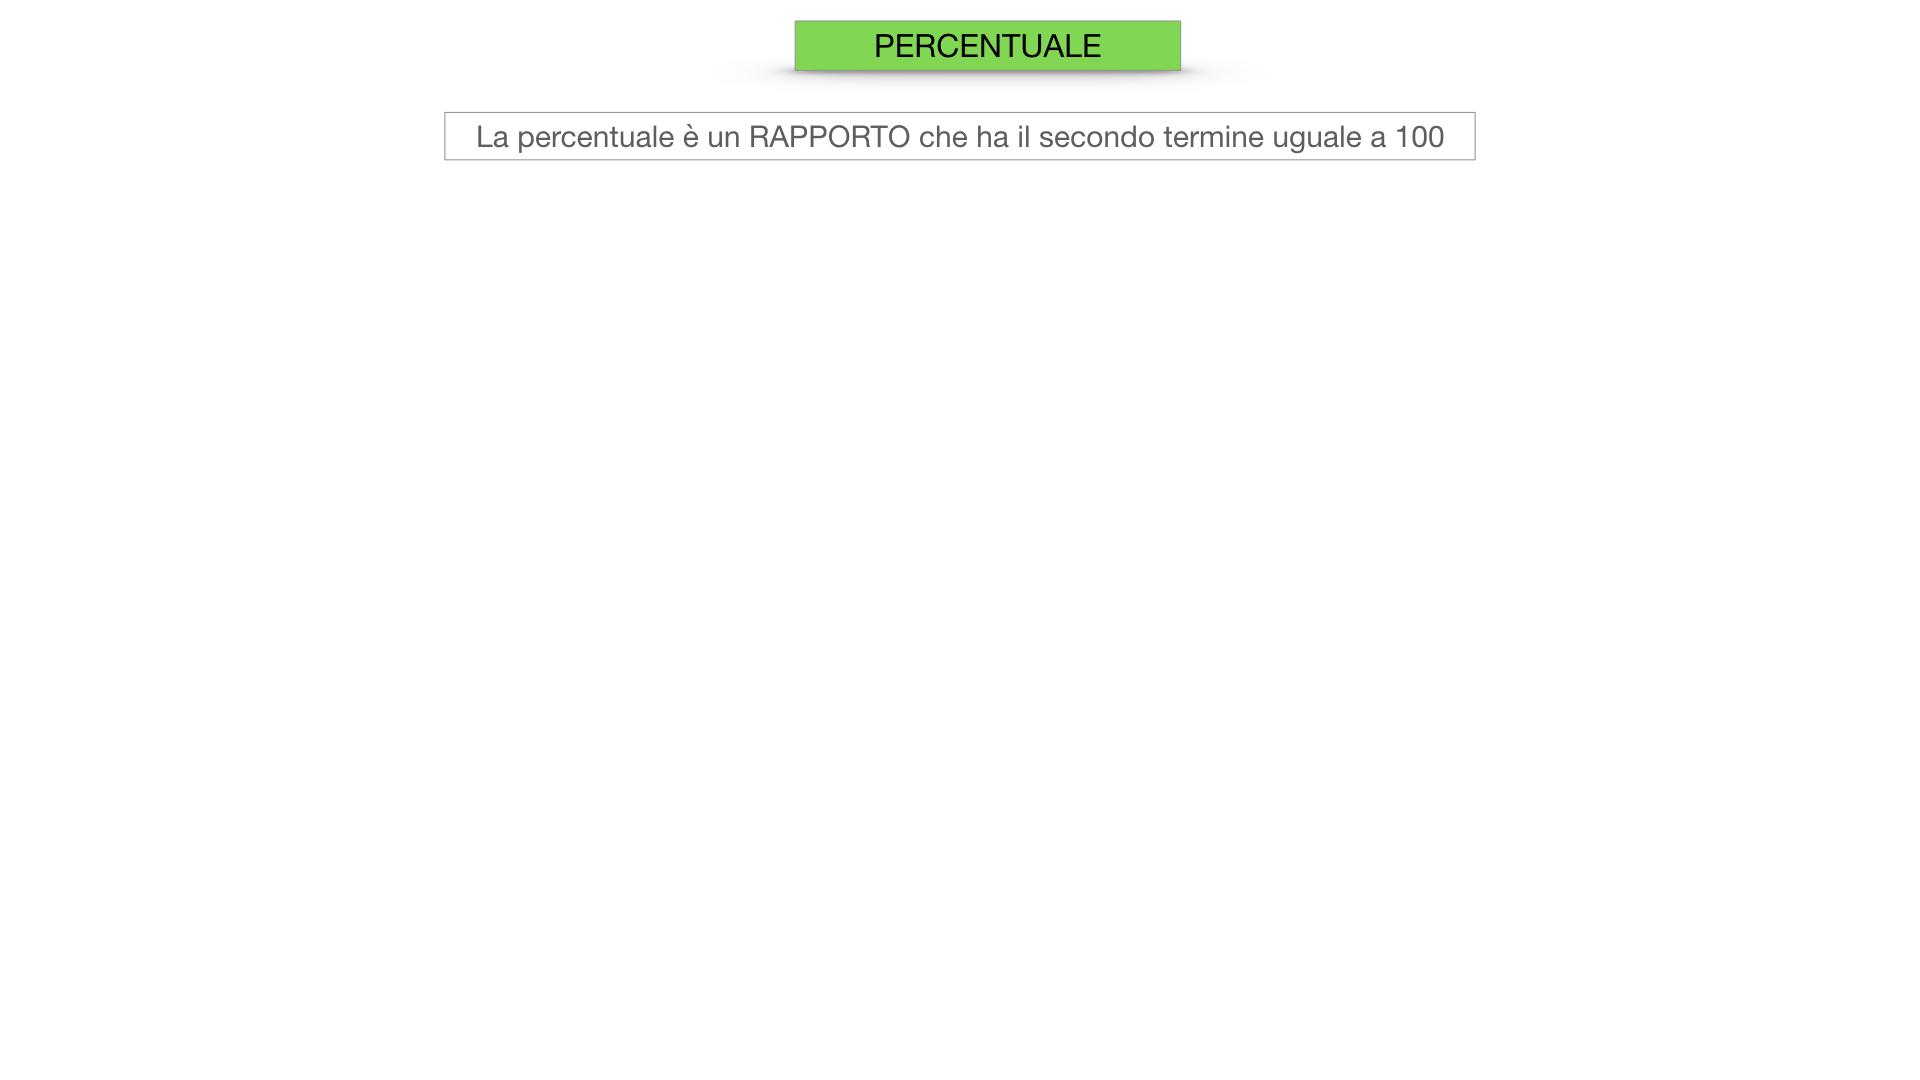 PERCENTUALE_SIMULAZIONE.002